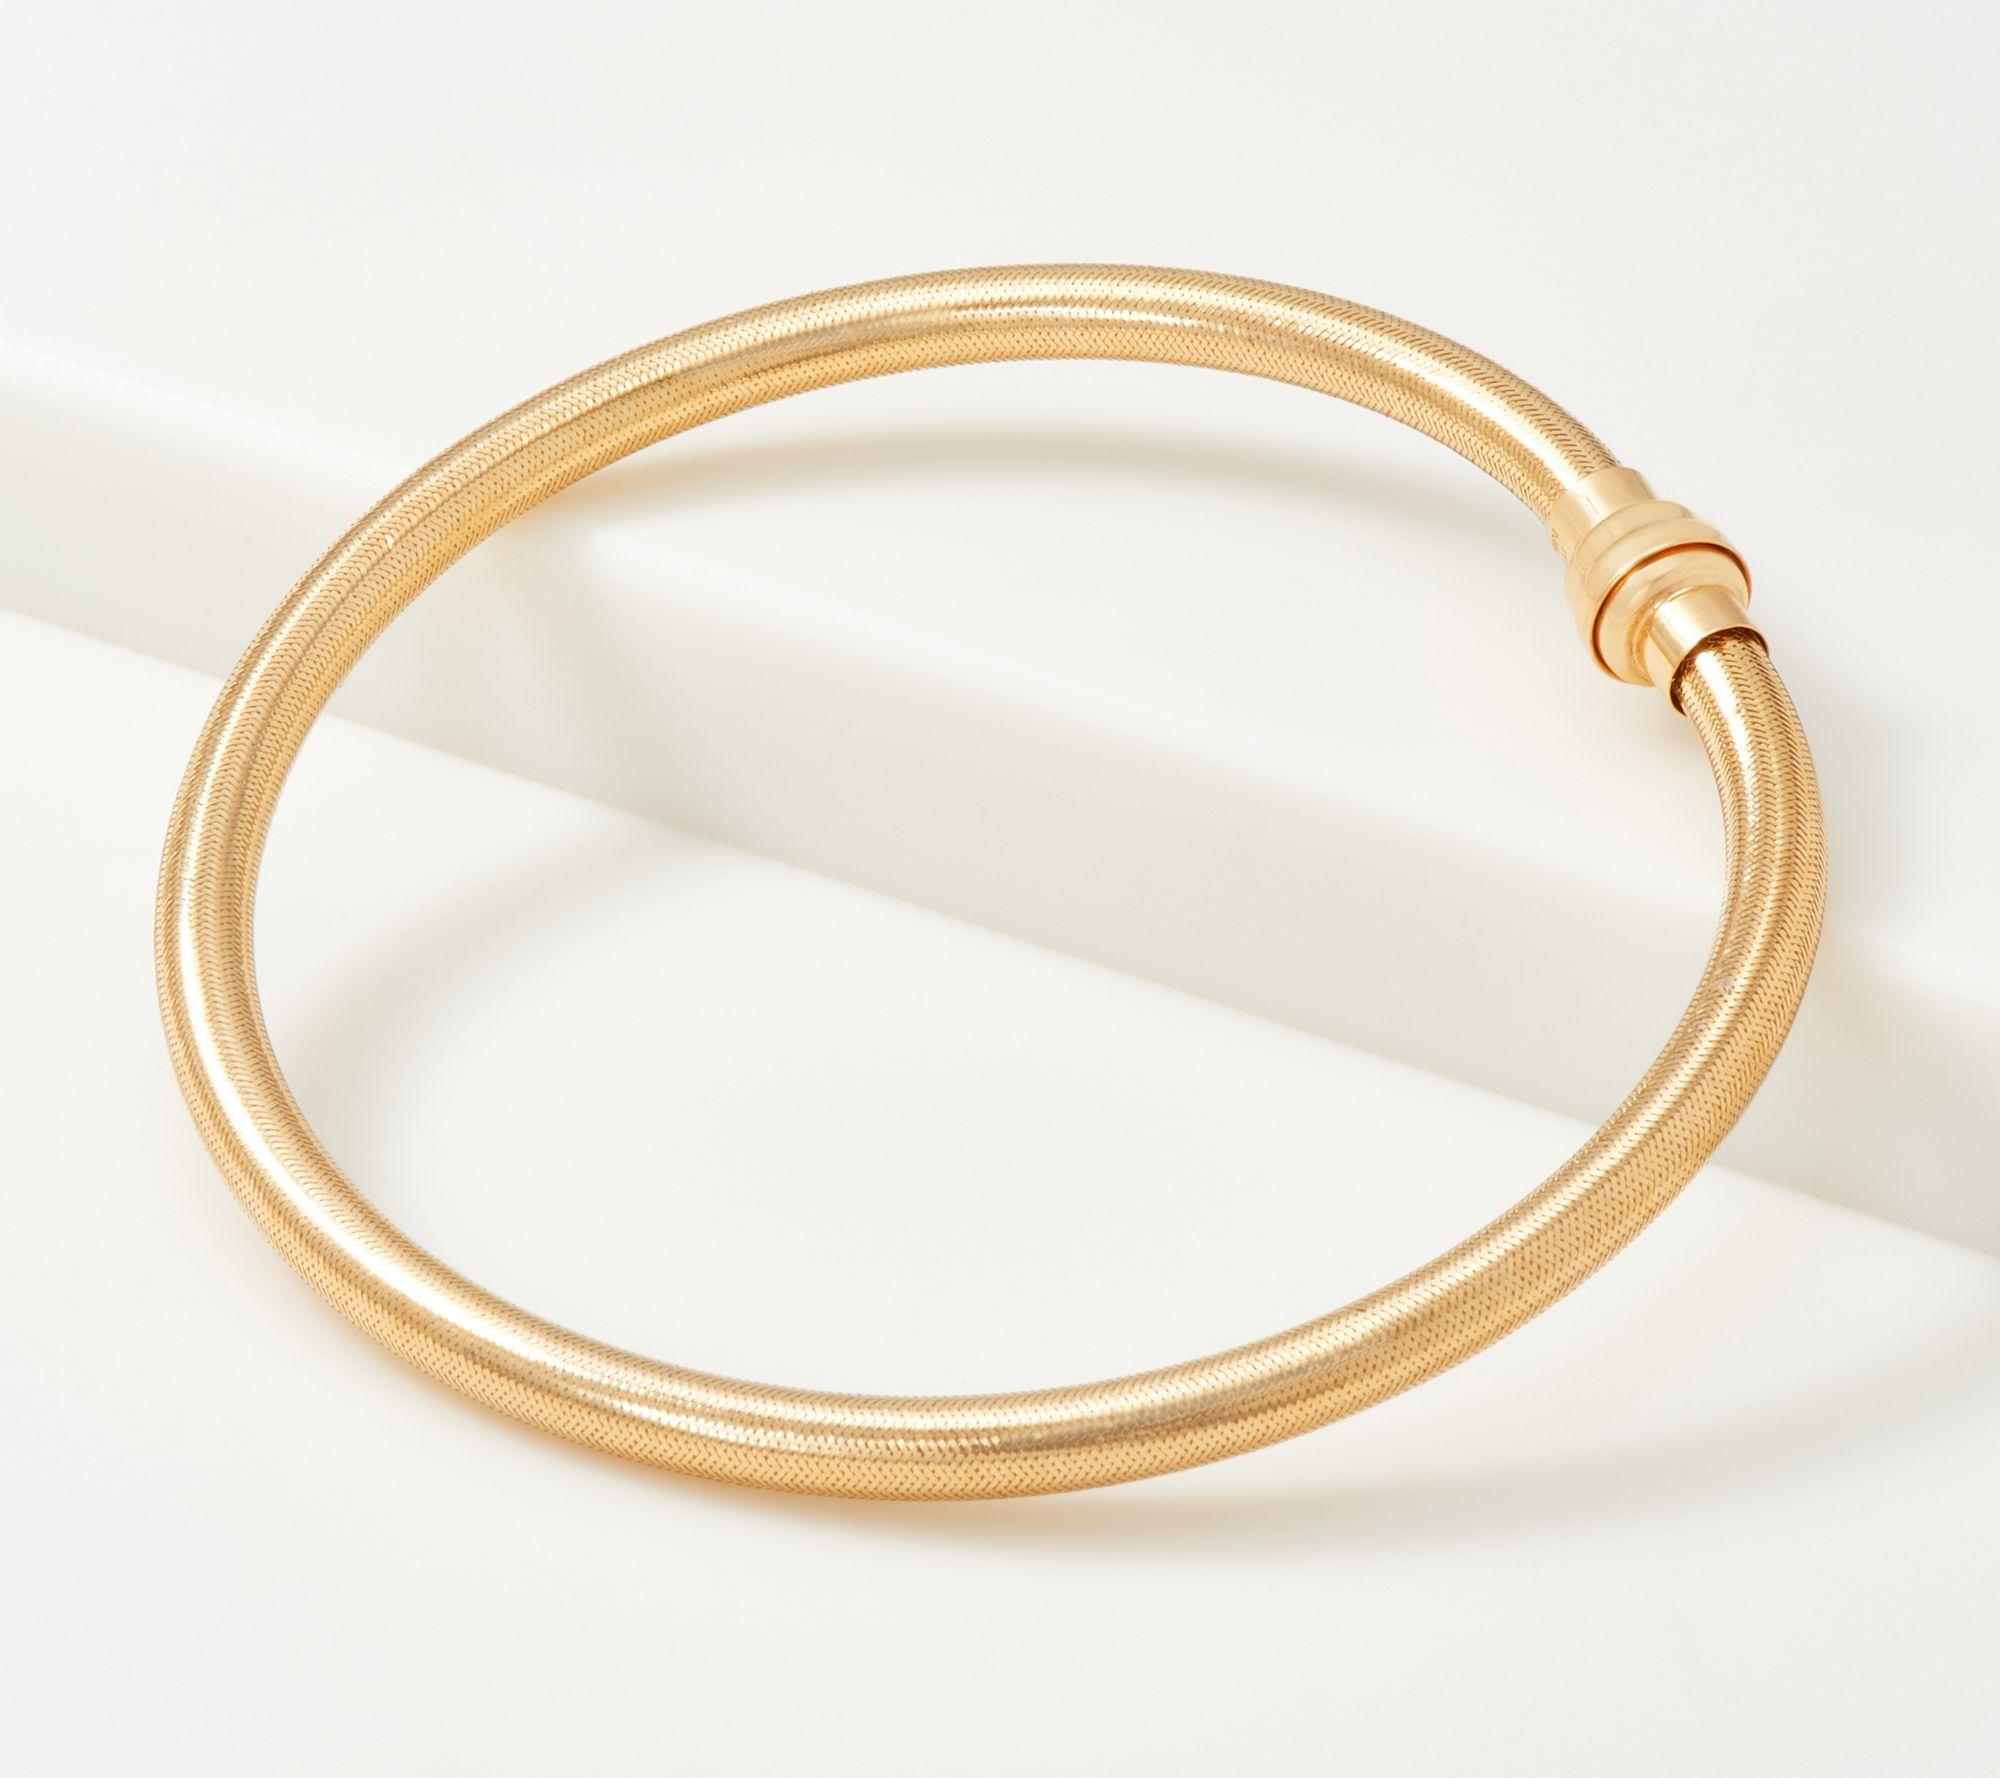 Italian Gold 14k Magnetic Omega